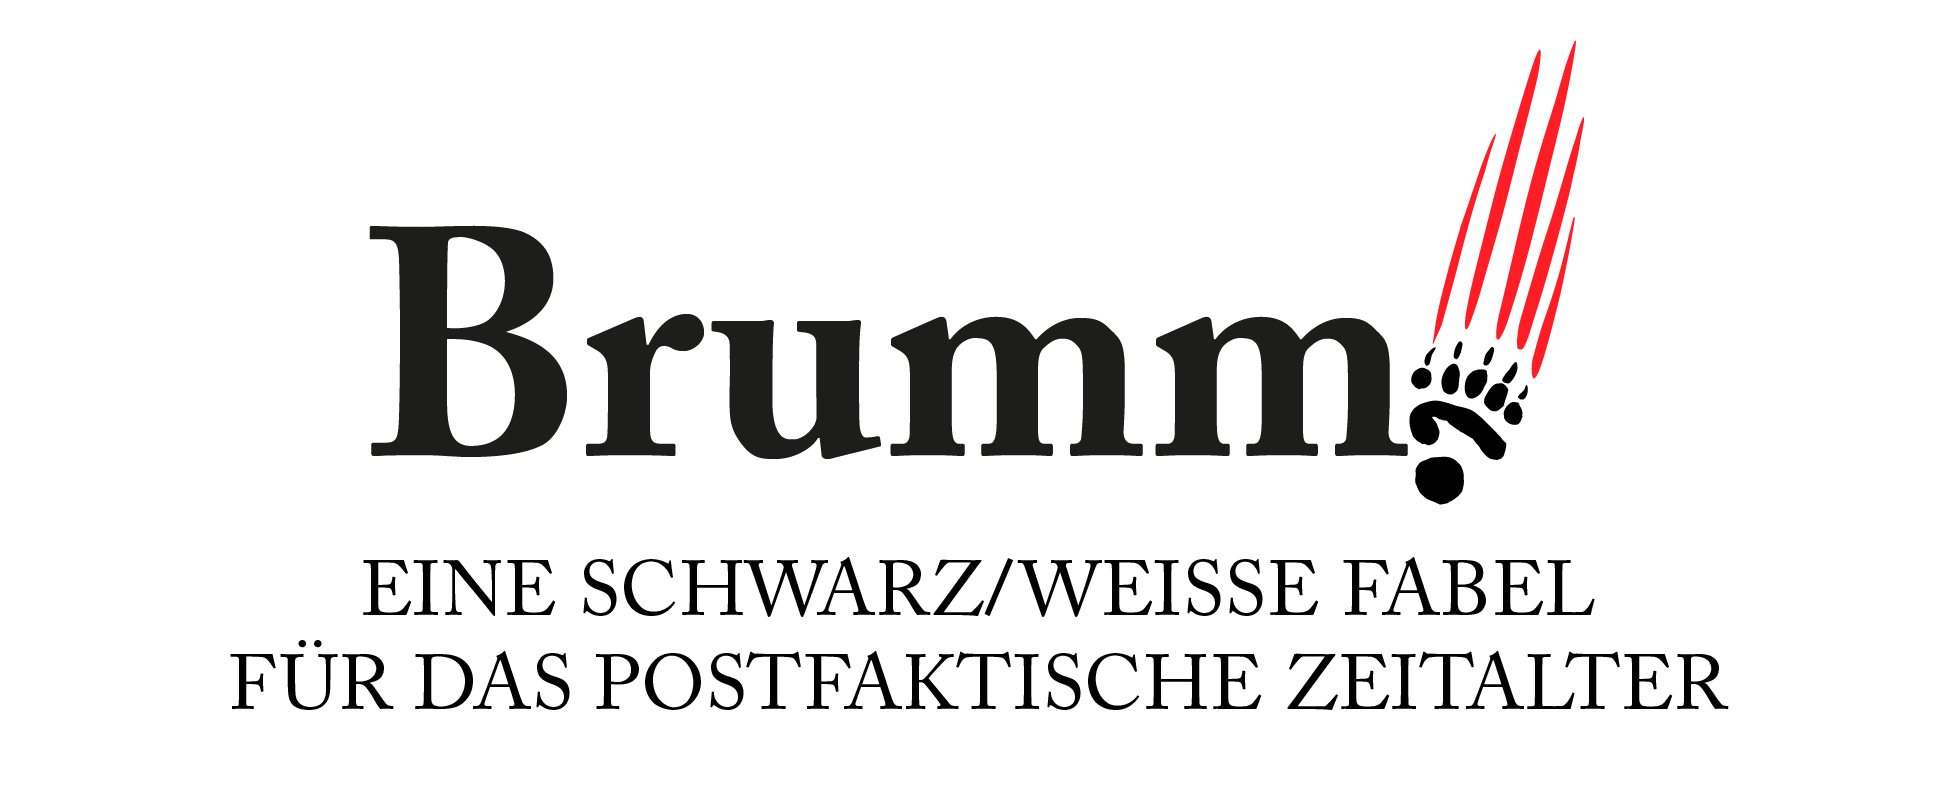 Brumm! – Eine schwarz/weiße Fabel für das postfaktische Zeitalter – Jetzt im Shop des Autors kaufen